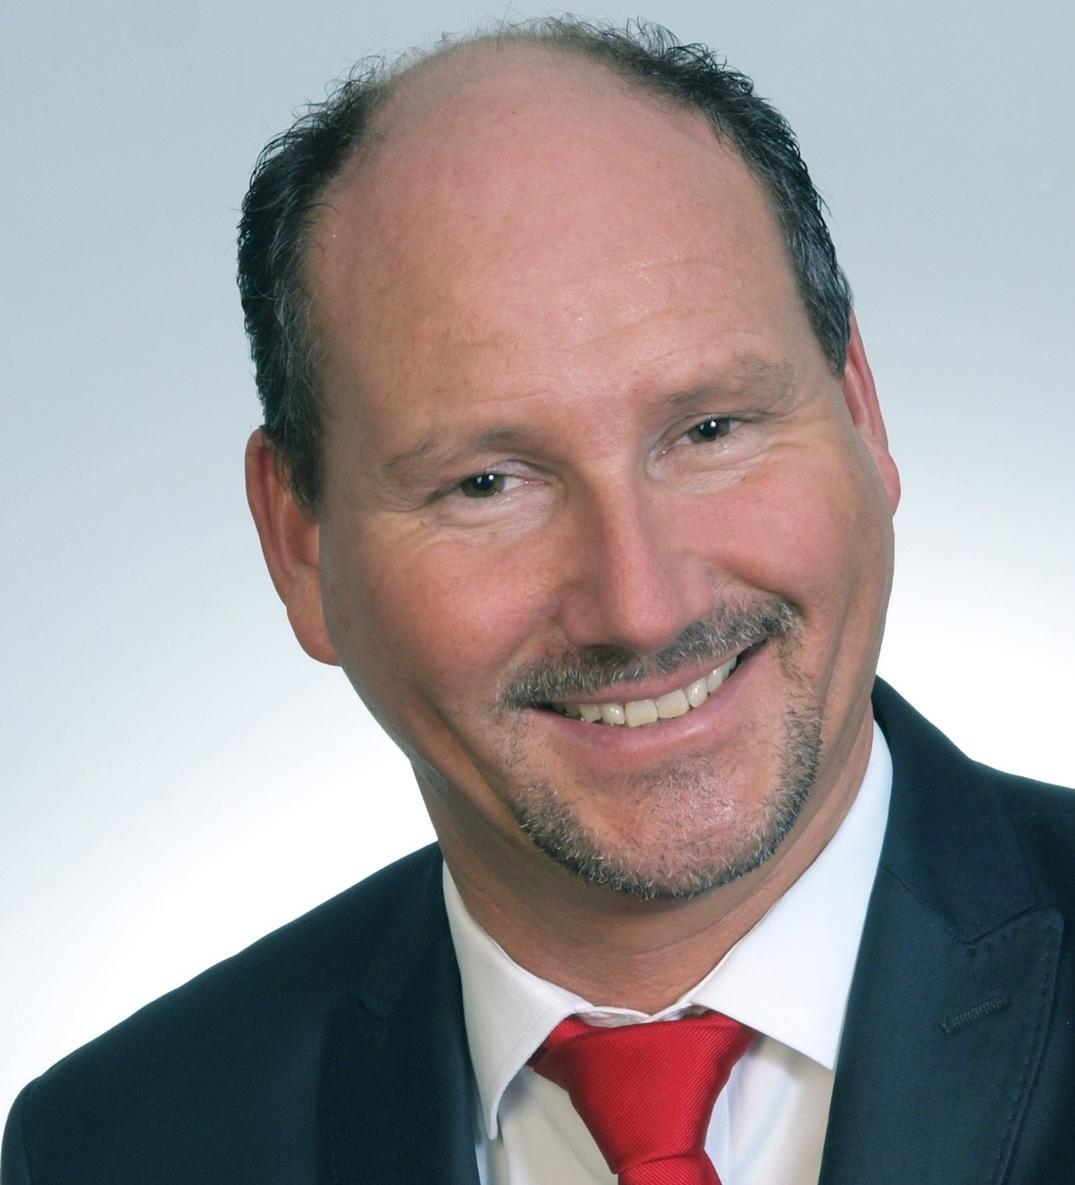 Stephan Schroller hat die Standortleitung von Fagor Deutschland übernommen.